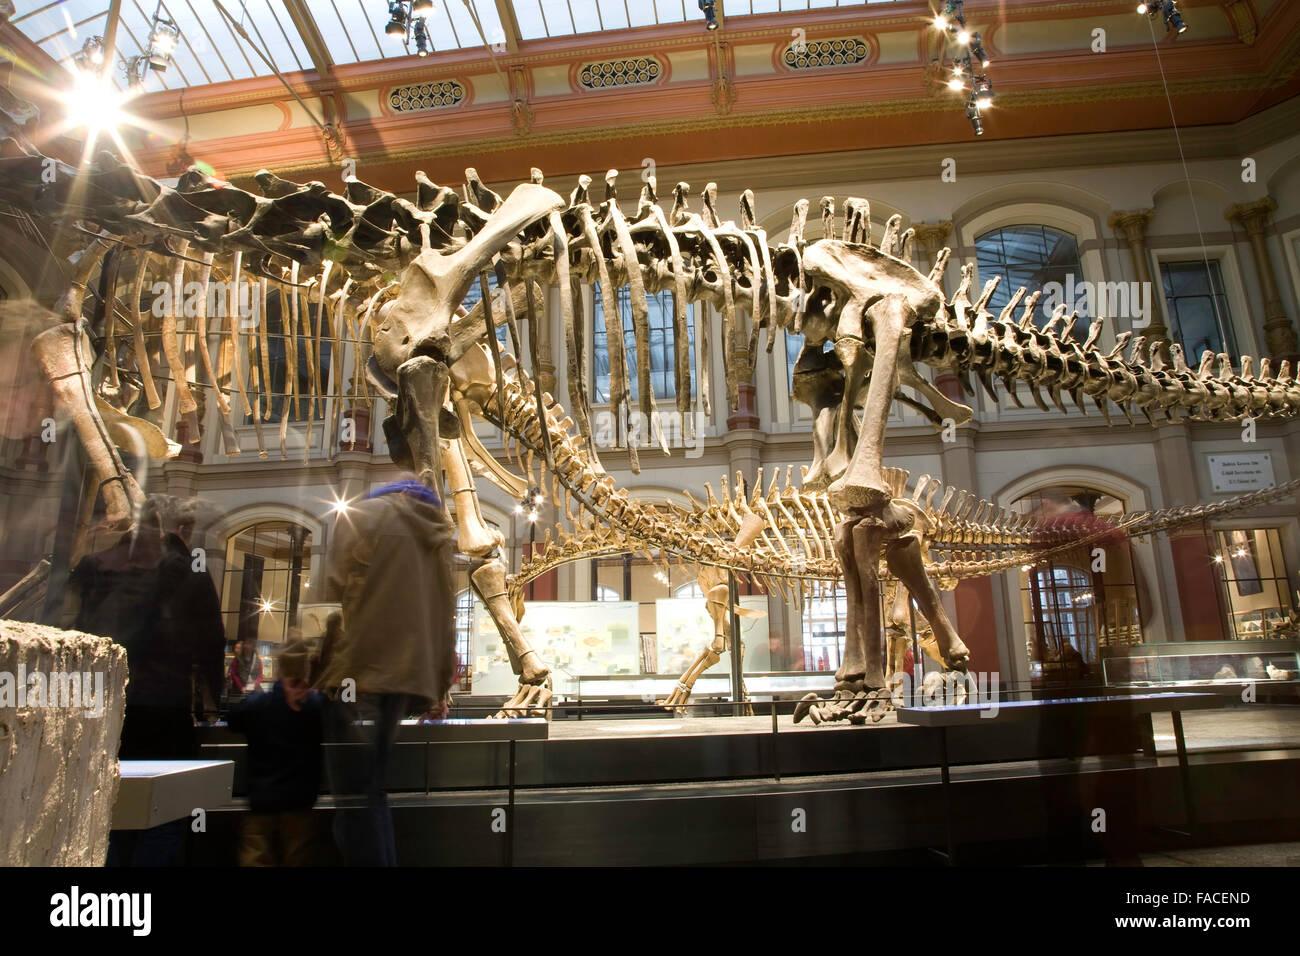 Museo Paleontológico en Berlín. Los antiguos esqueletos de dinosaurios Imagen De Stock